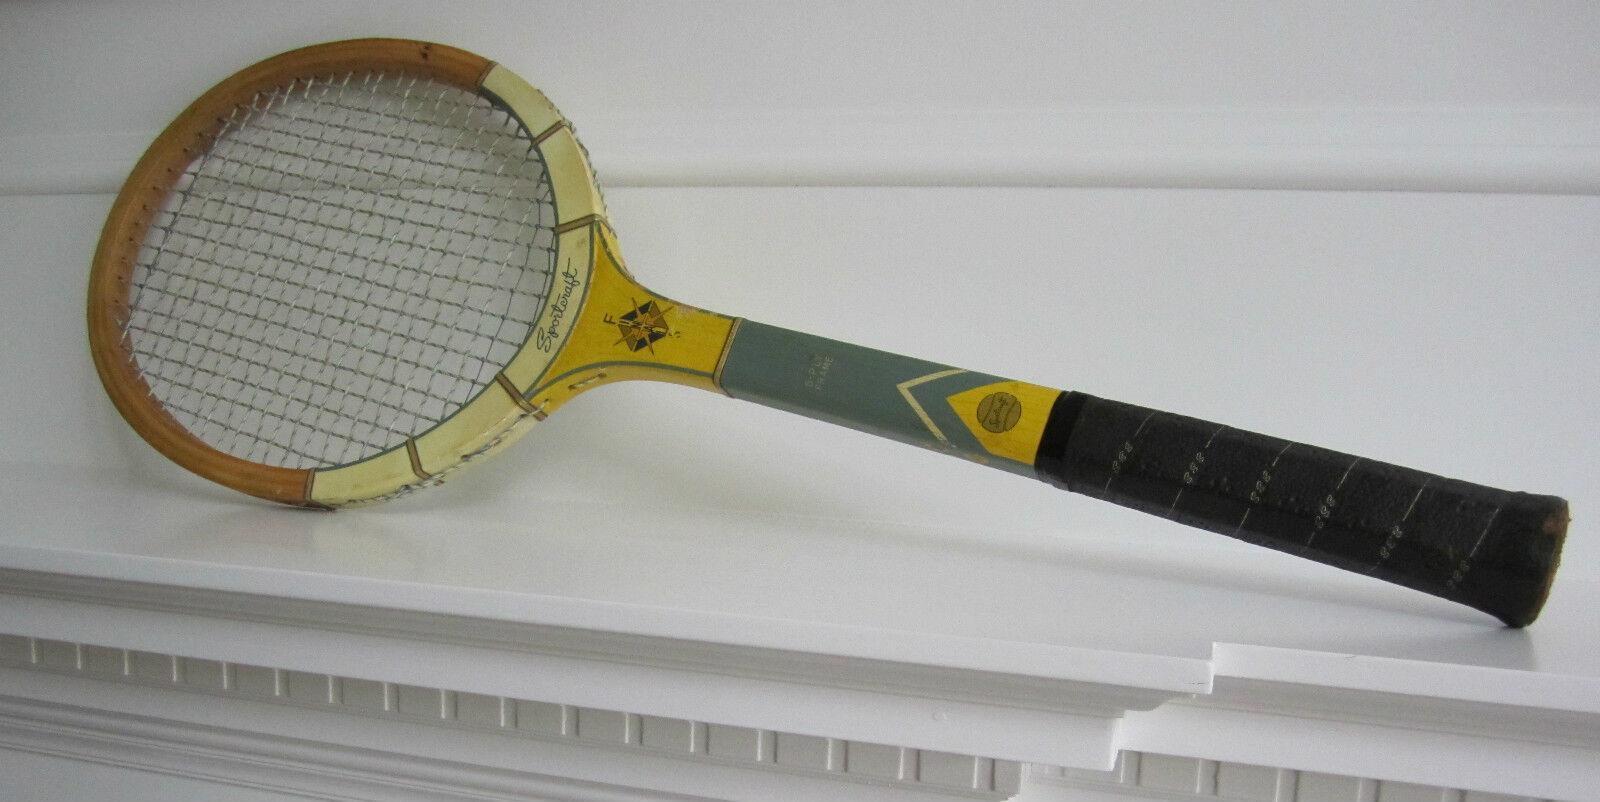 Sportcraft Wood Vintage Tennis Racquet 4 5 8 8 8  Wooden 5-Ply Frame Beautiful 03d